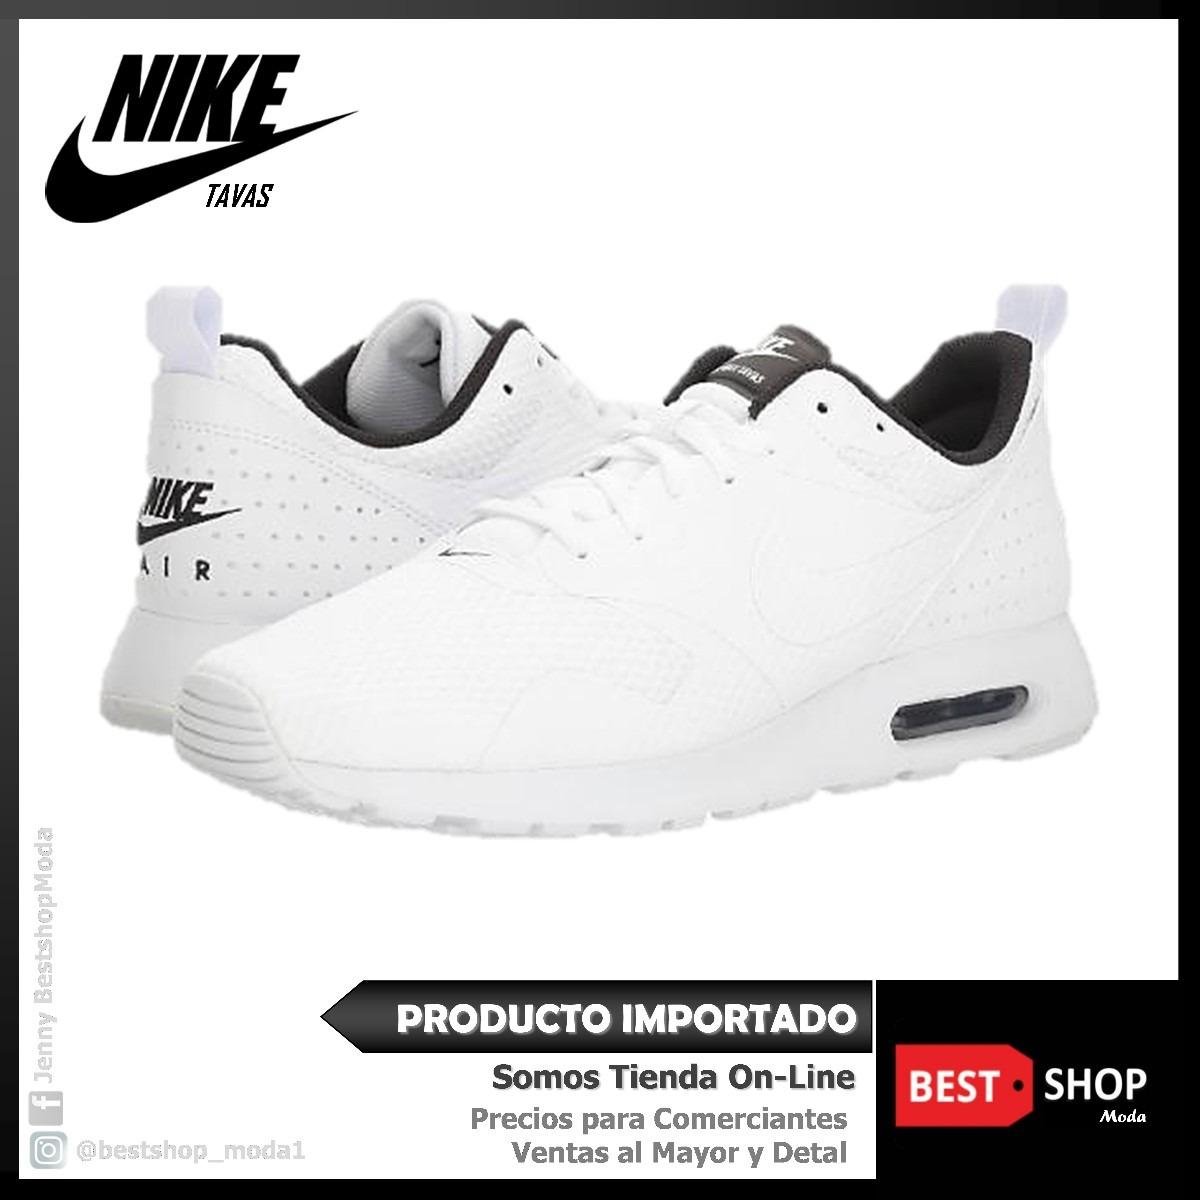 Pares Zapatillas X Air En Nike Promoción 99 U 2 Max Tavas 84 s qwqTXr0 3f461e8896847